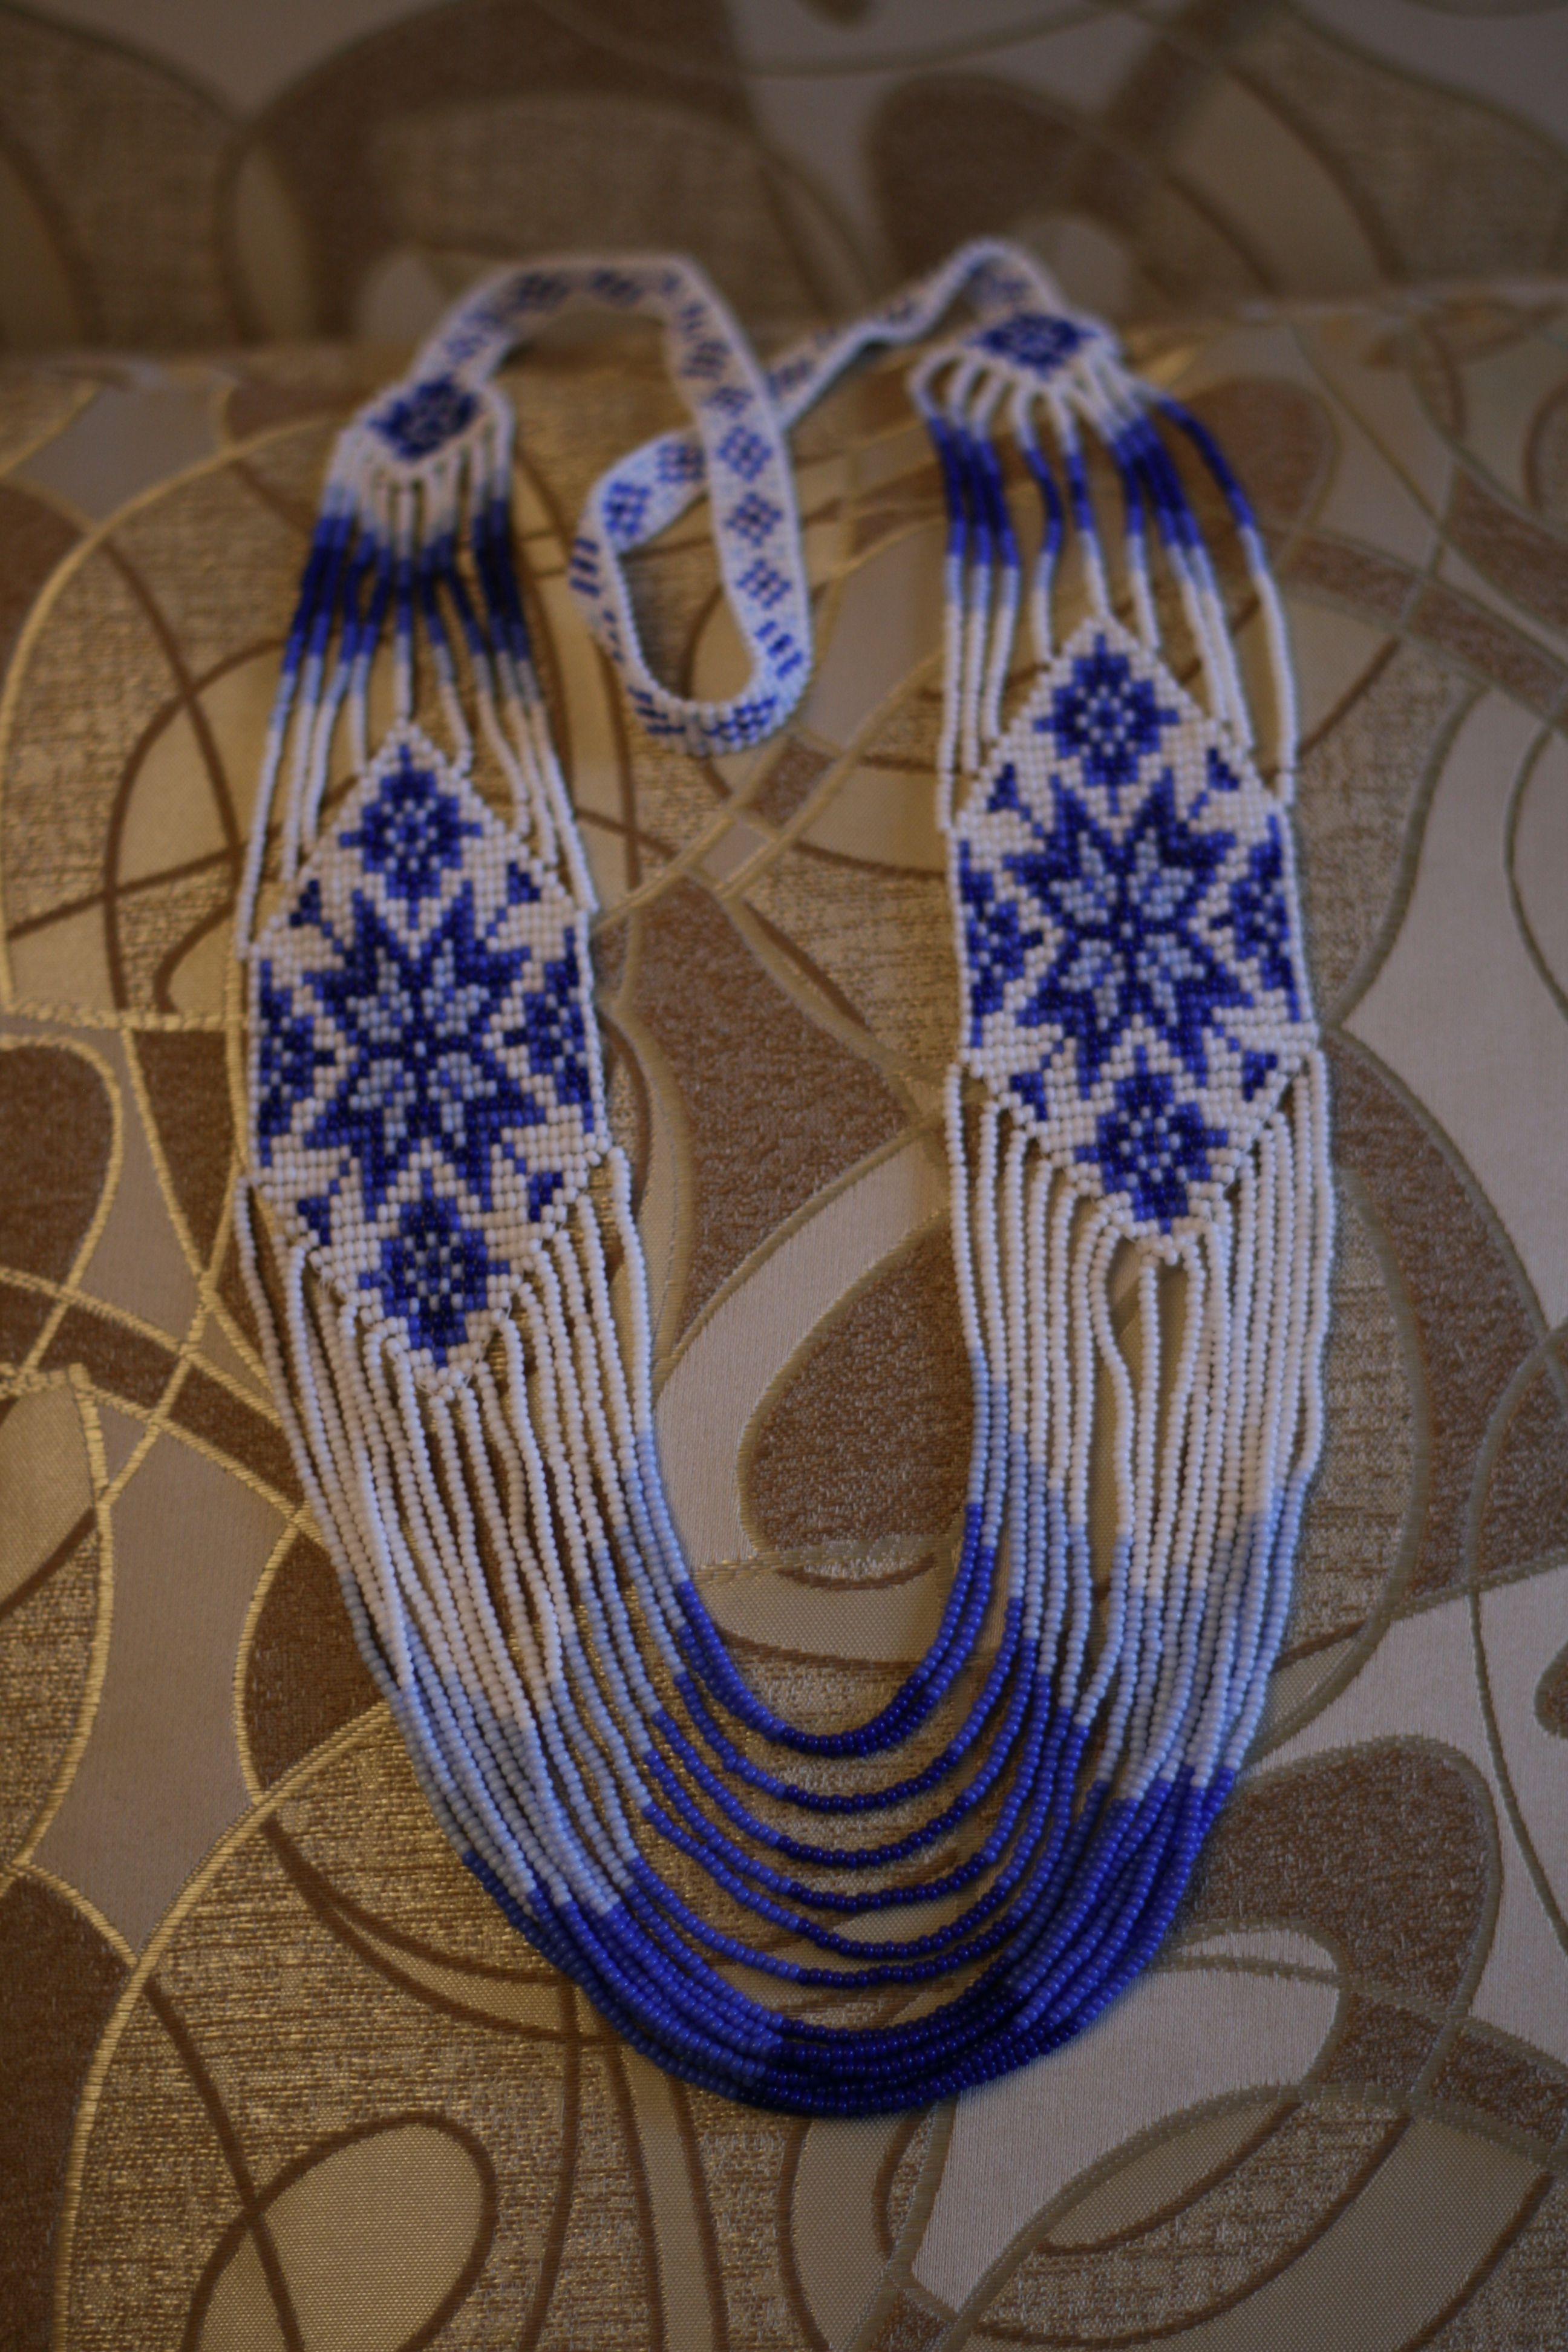 handmade подарки ручная подвеска синий гердан герданы хендмейд авторскаяработа работа узор бисер украшения колье кулон бисерный авторская бусы белый аксессуары бижутерия бисероплетение украшение ручнаяработа подарок